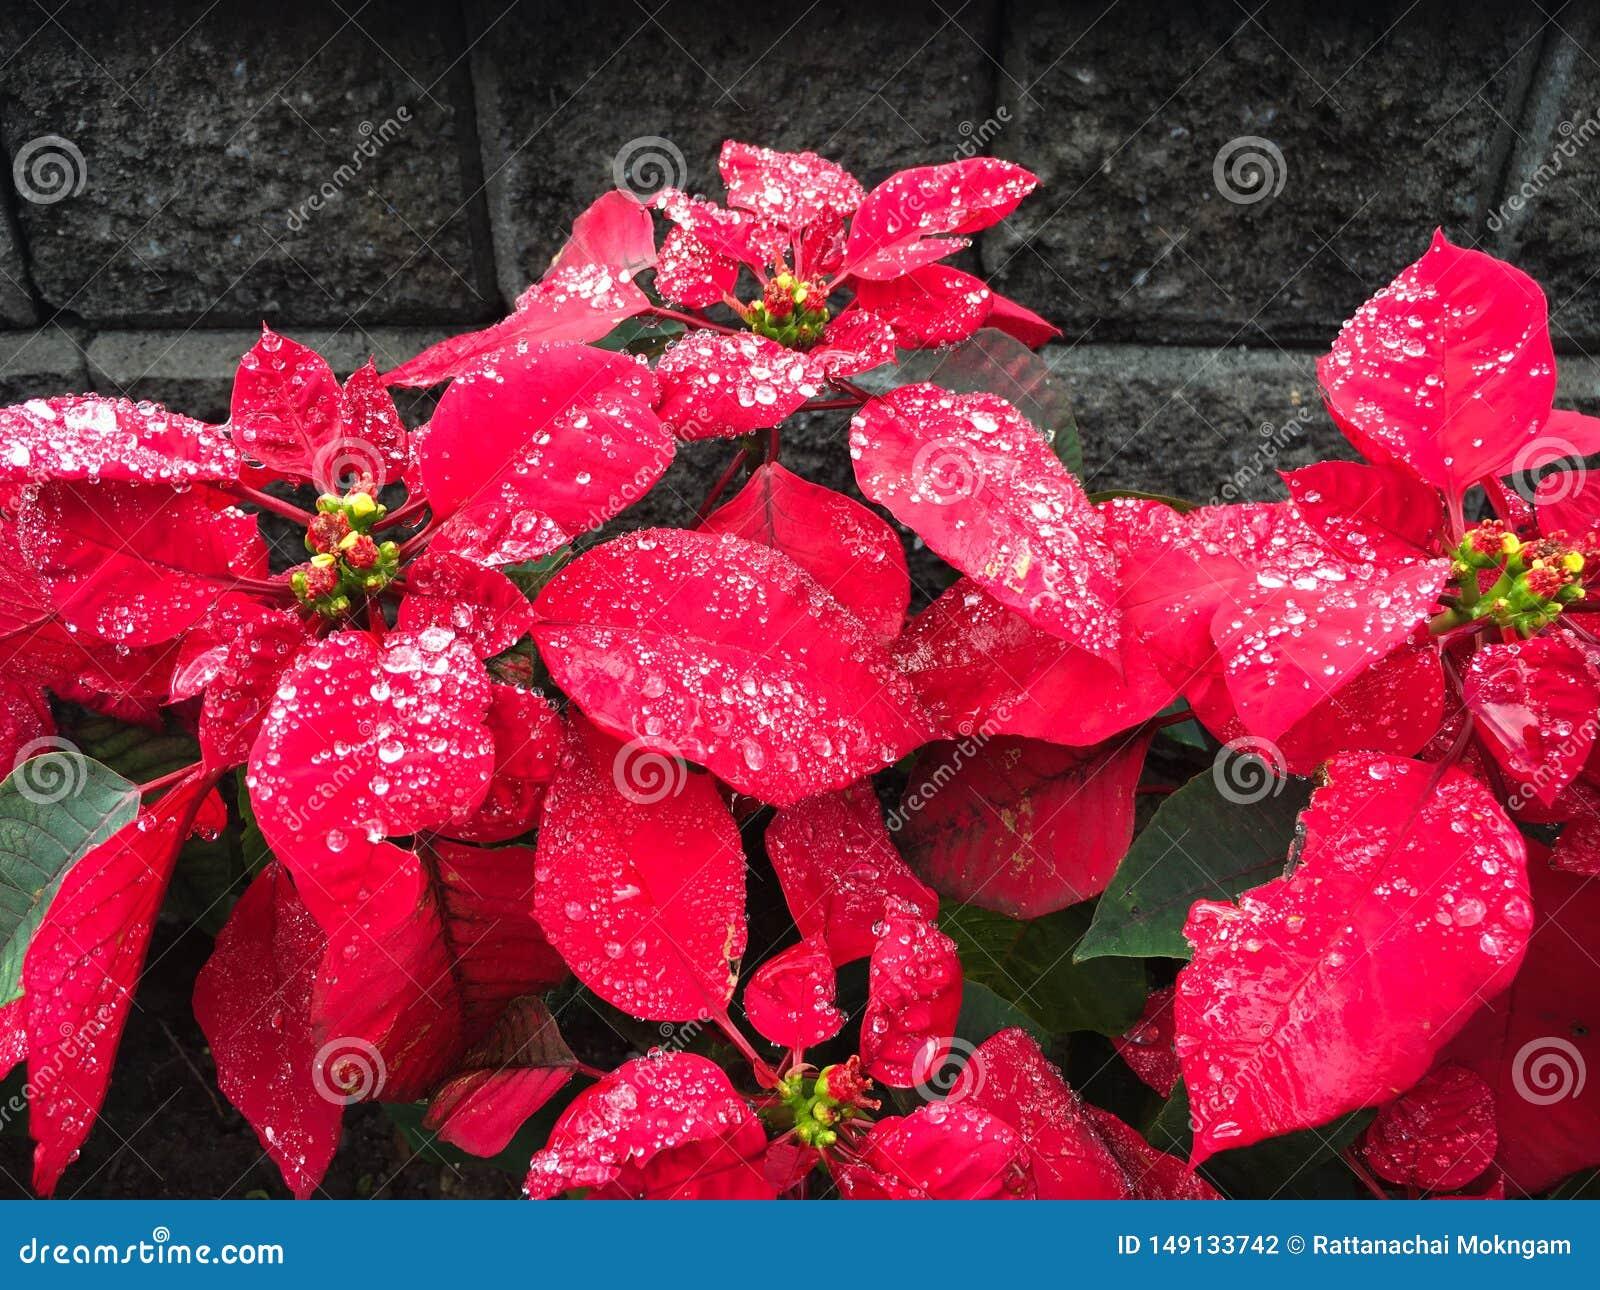 Acqua Stella Di Natale.Stella Di Natale Rossa Del Fiore Di Natale Con Le Goccioline Di Acqua Fotografia Stock Immagine Di Fresco Visualizzazione 149133742